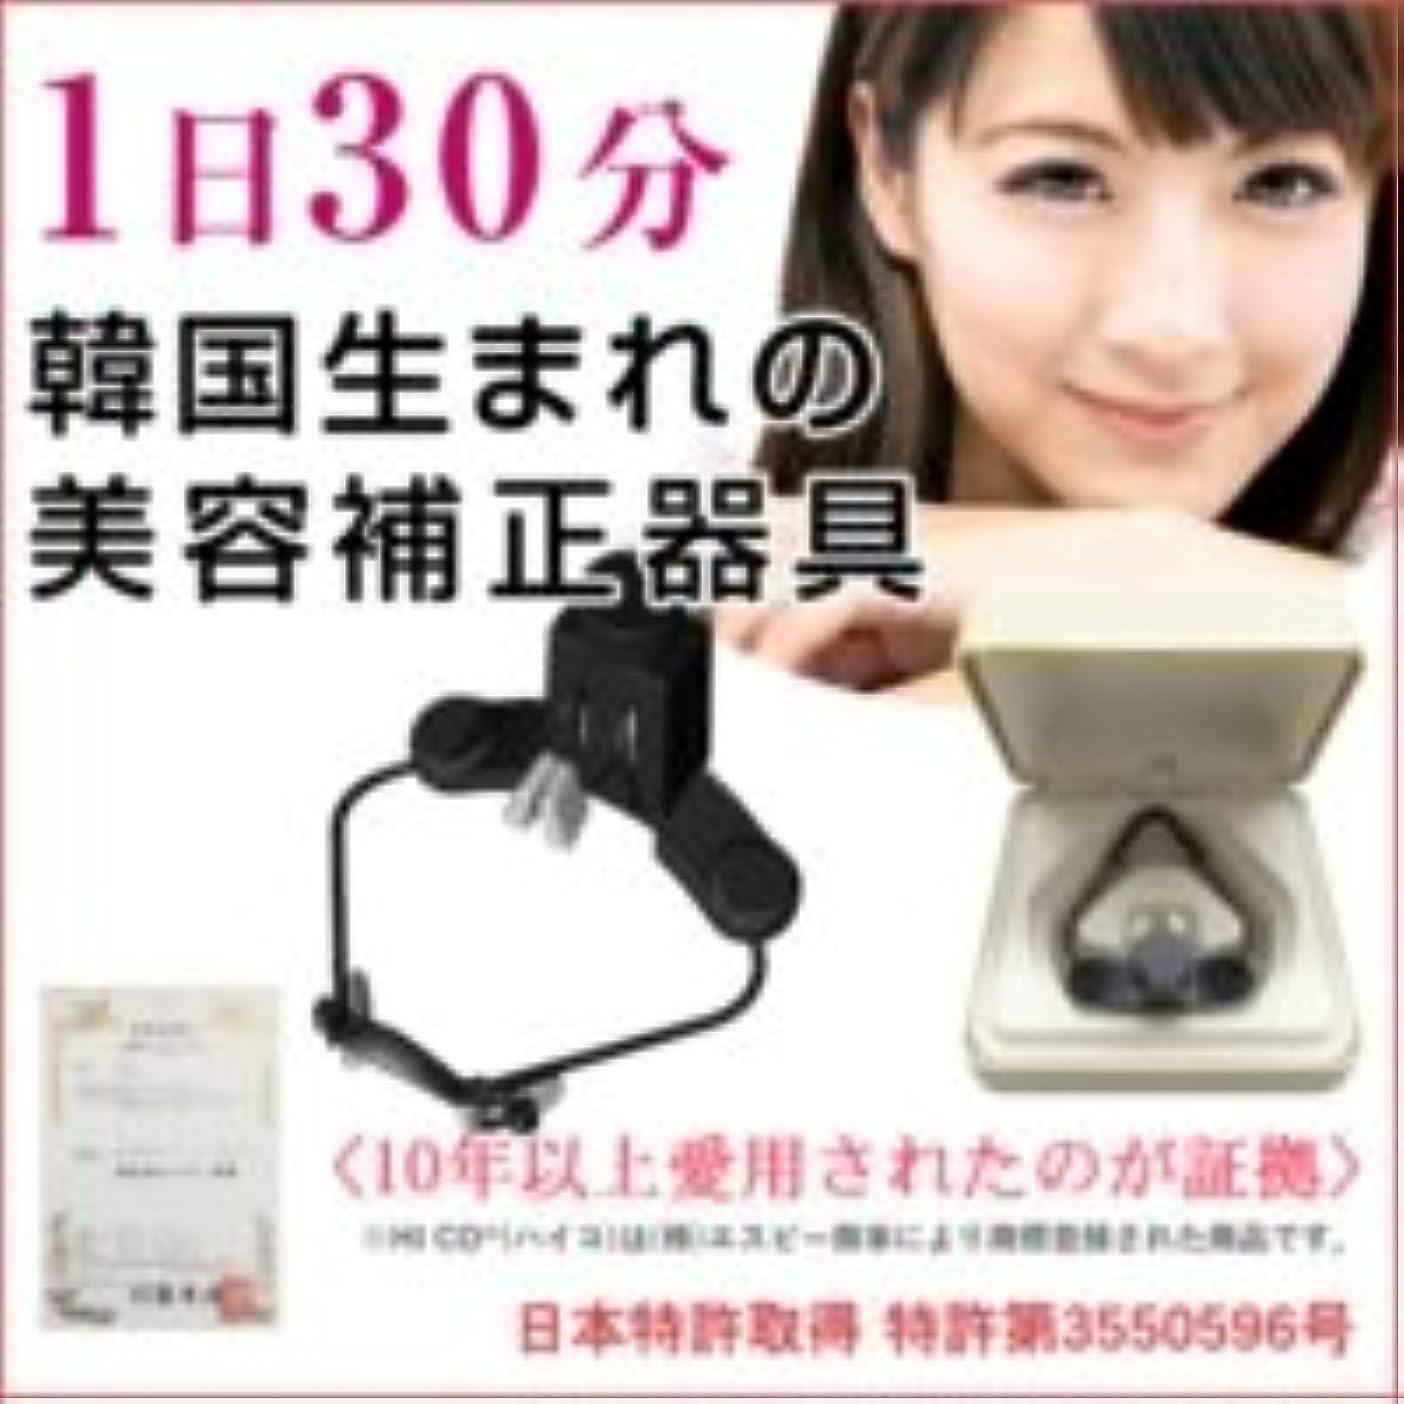 側面動員する旅行者ハイコ (HICO) 美鼻補整器具